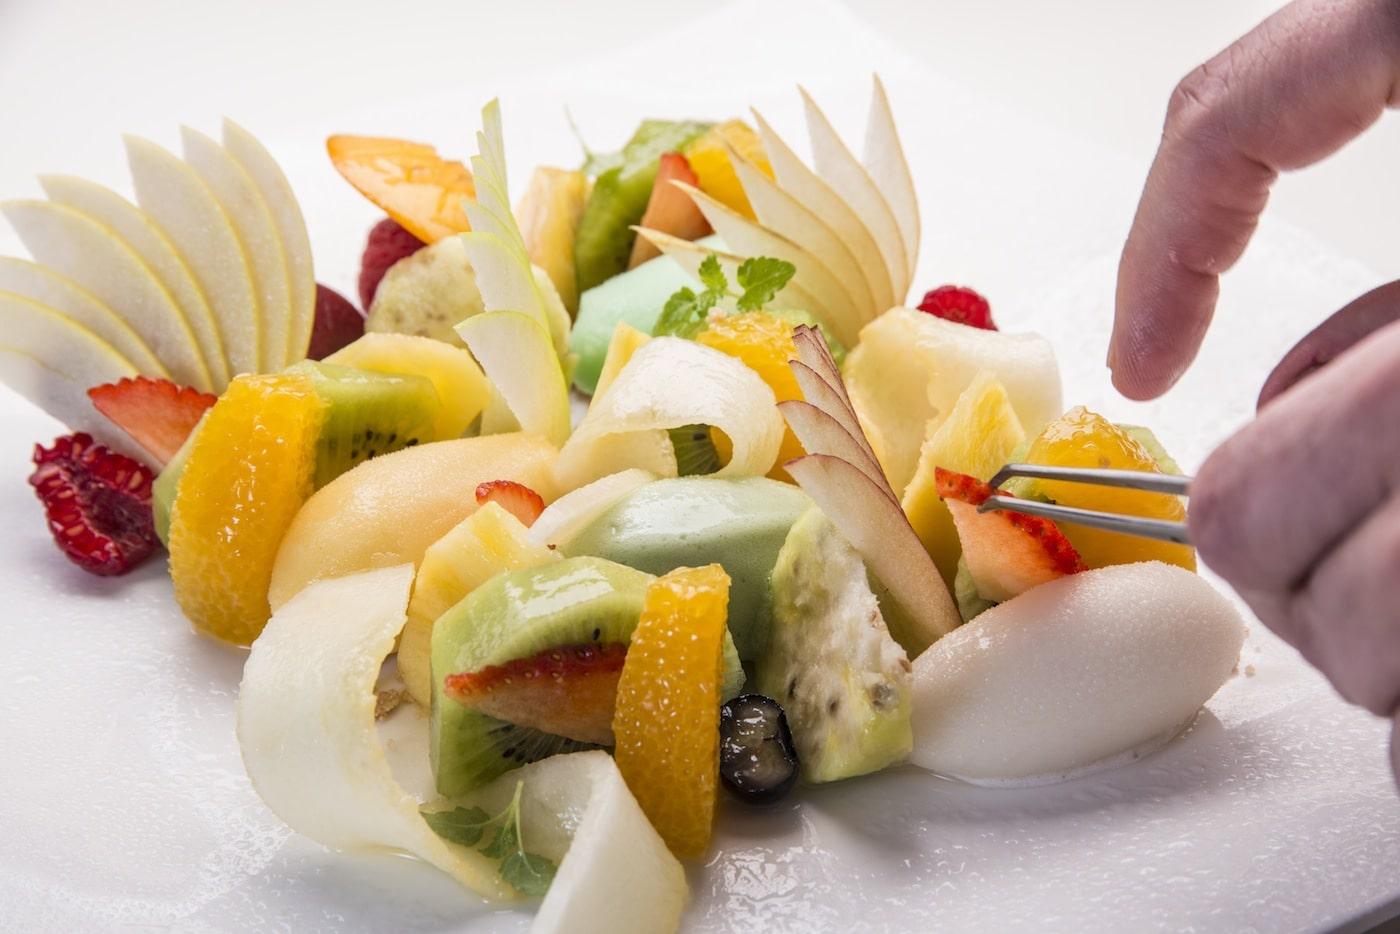 Cucina gourmet: significato e tutto quello che devi sapere